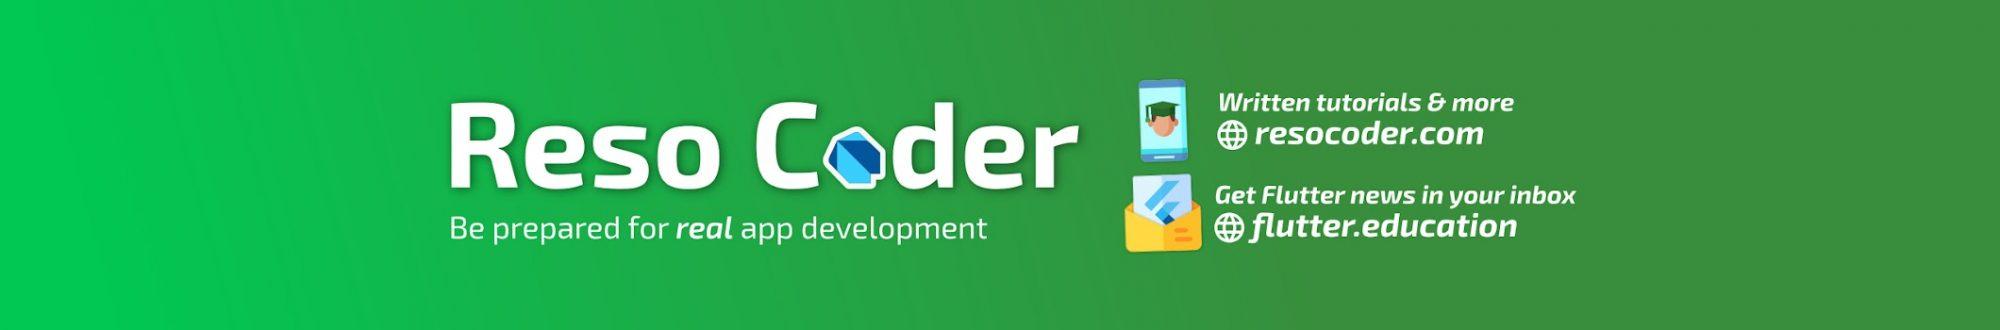 کانال یوتیوب جهت آموزش برنامه نویسی اندروید | رسو کدر | reso coder | آموزش کاتلین و فلاتر